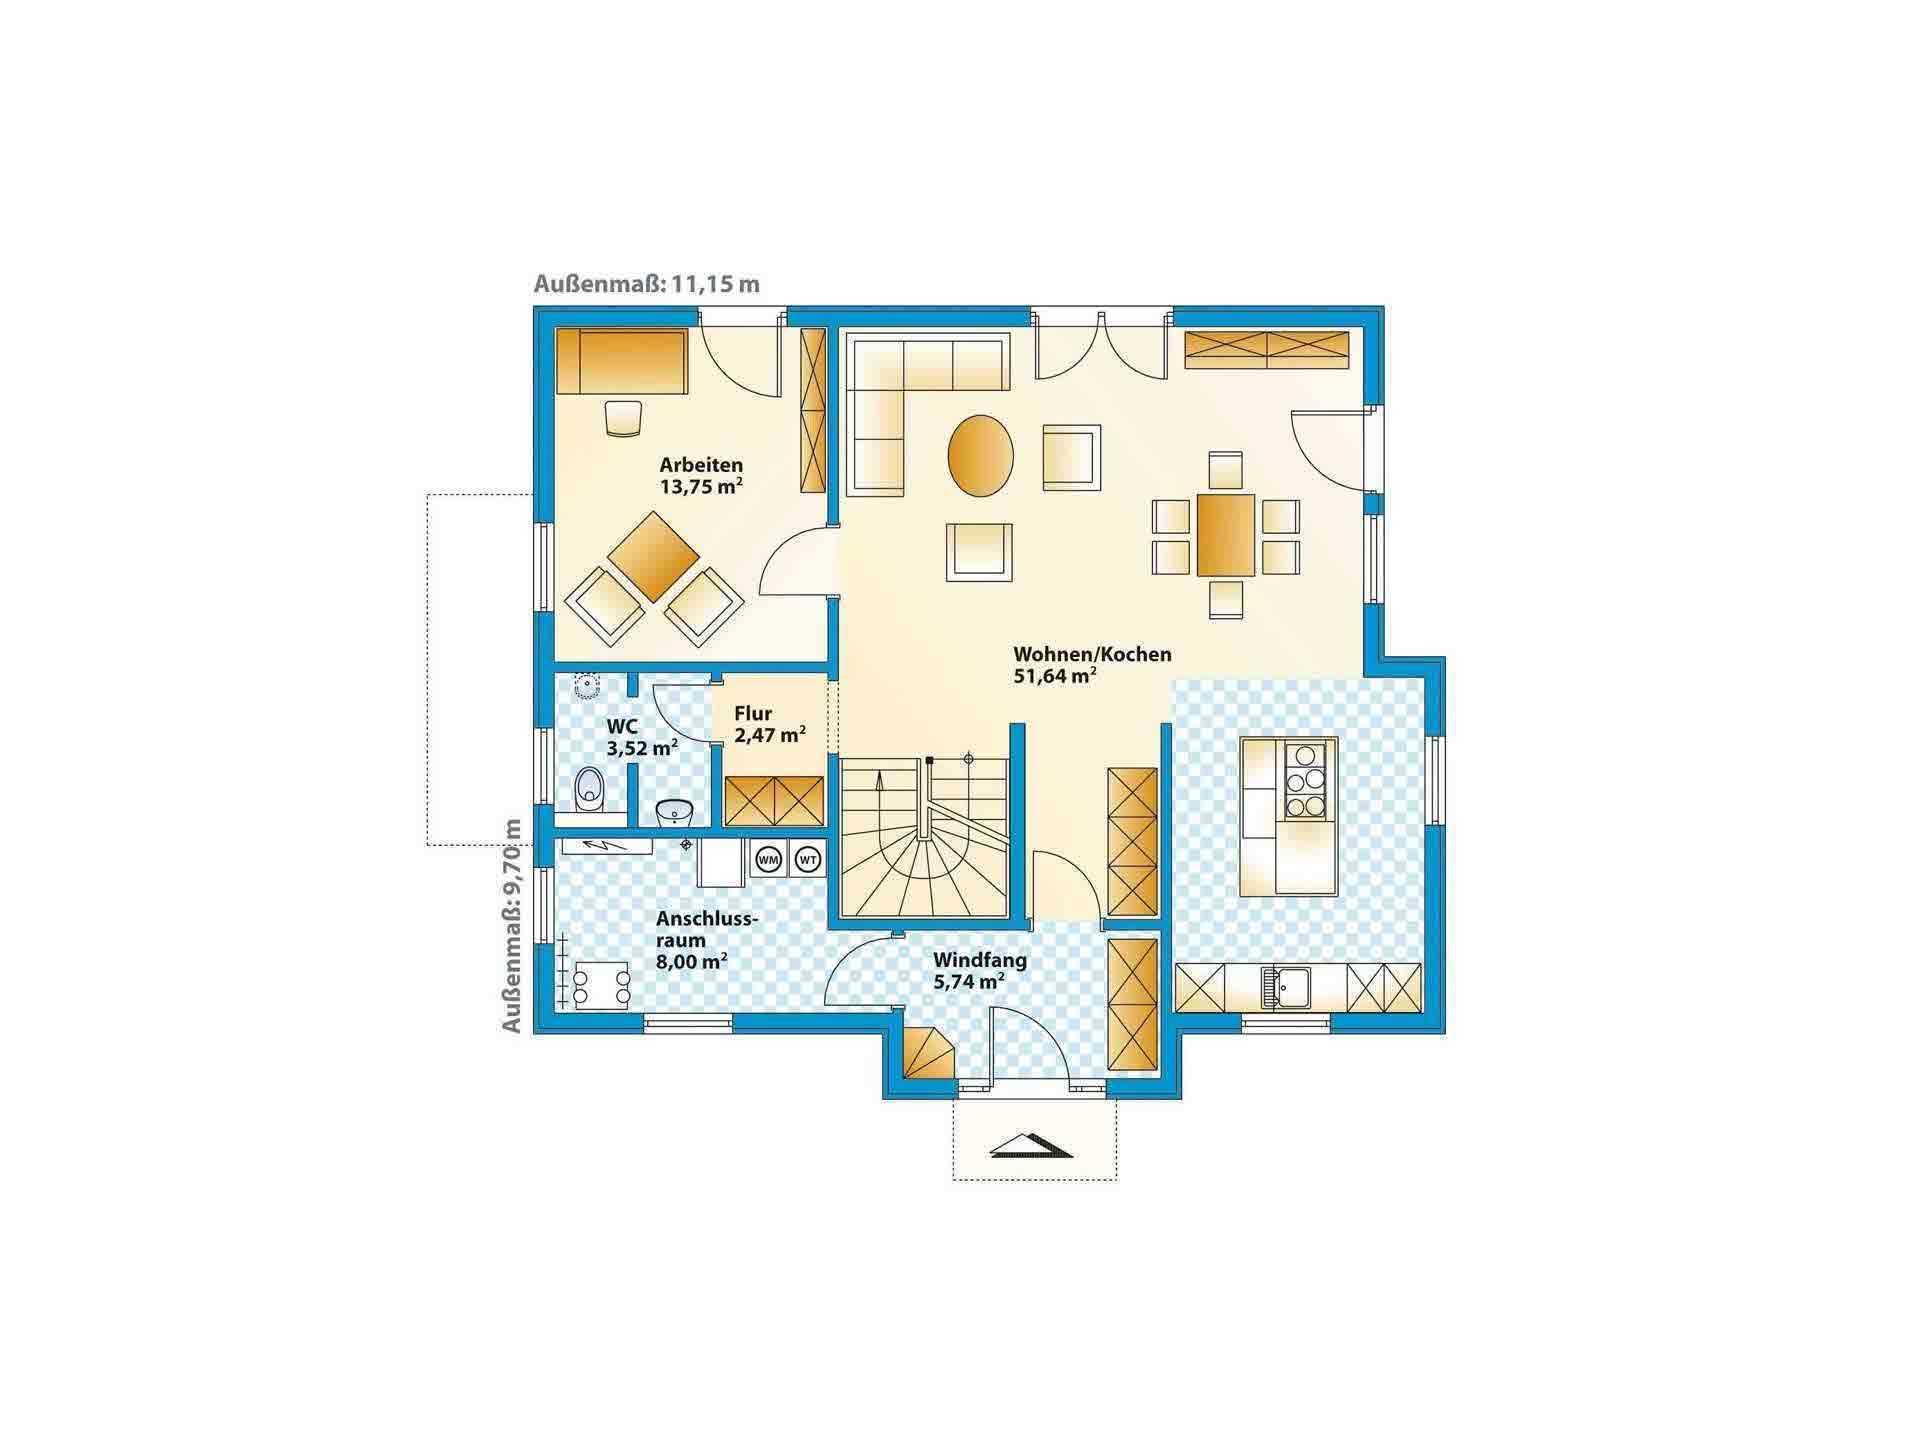 Musterhaus Jazz - Eine Nahaufnahme von einer Karte - Gebäudeplan